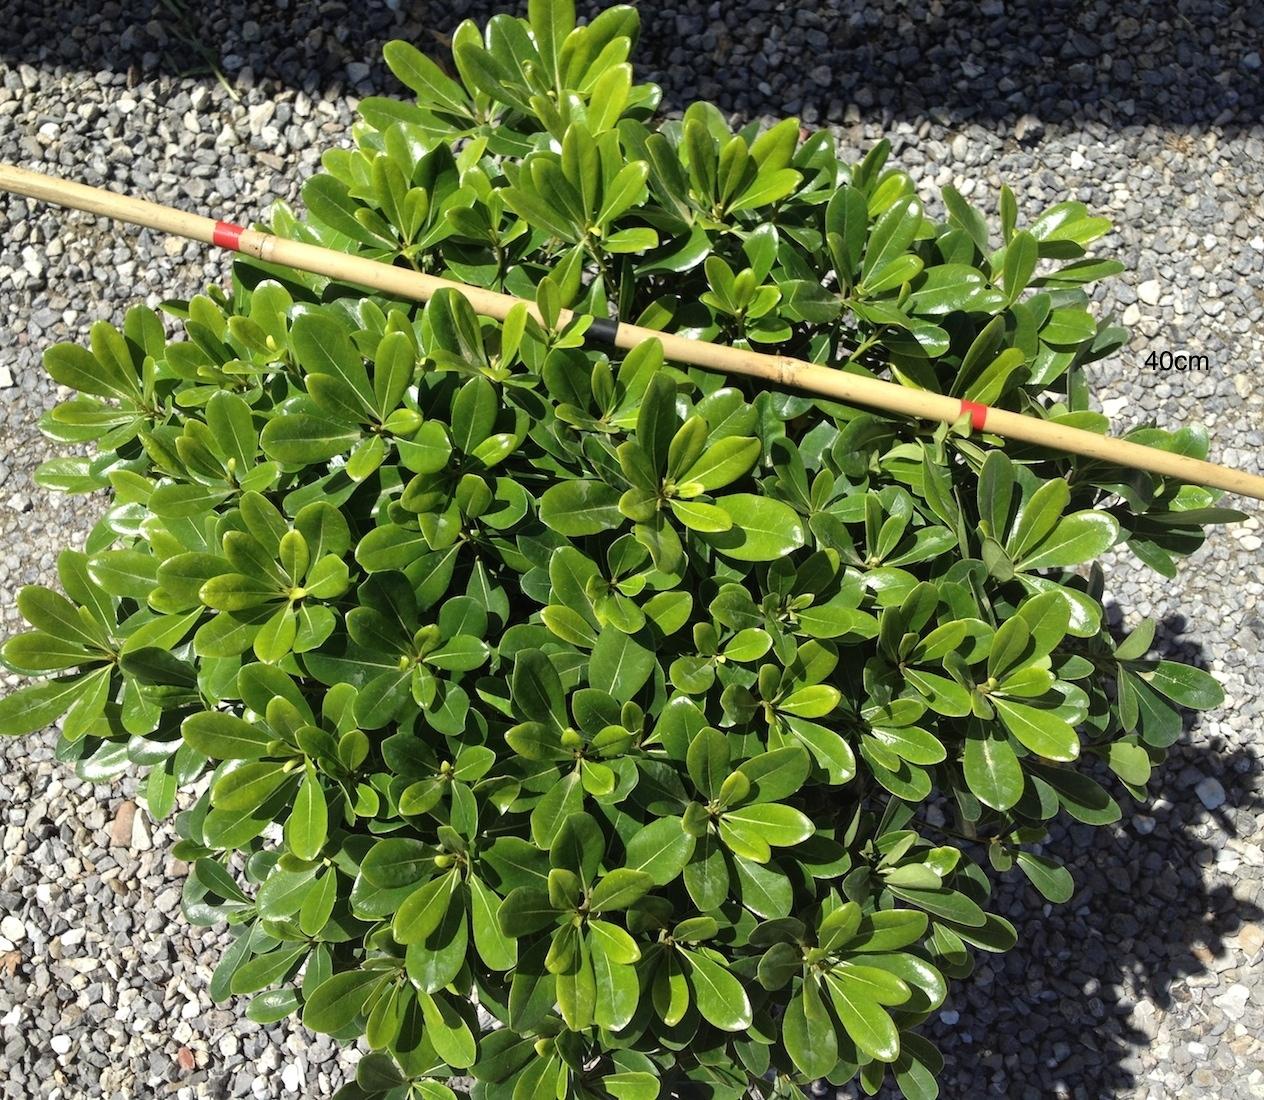 Pitosforo nano piante da giardino caratteristiche del for Piante da cespuglio